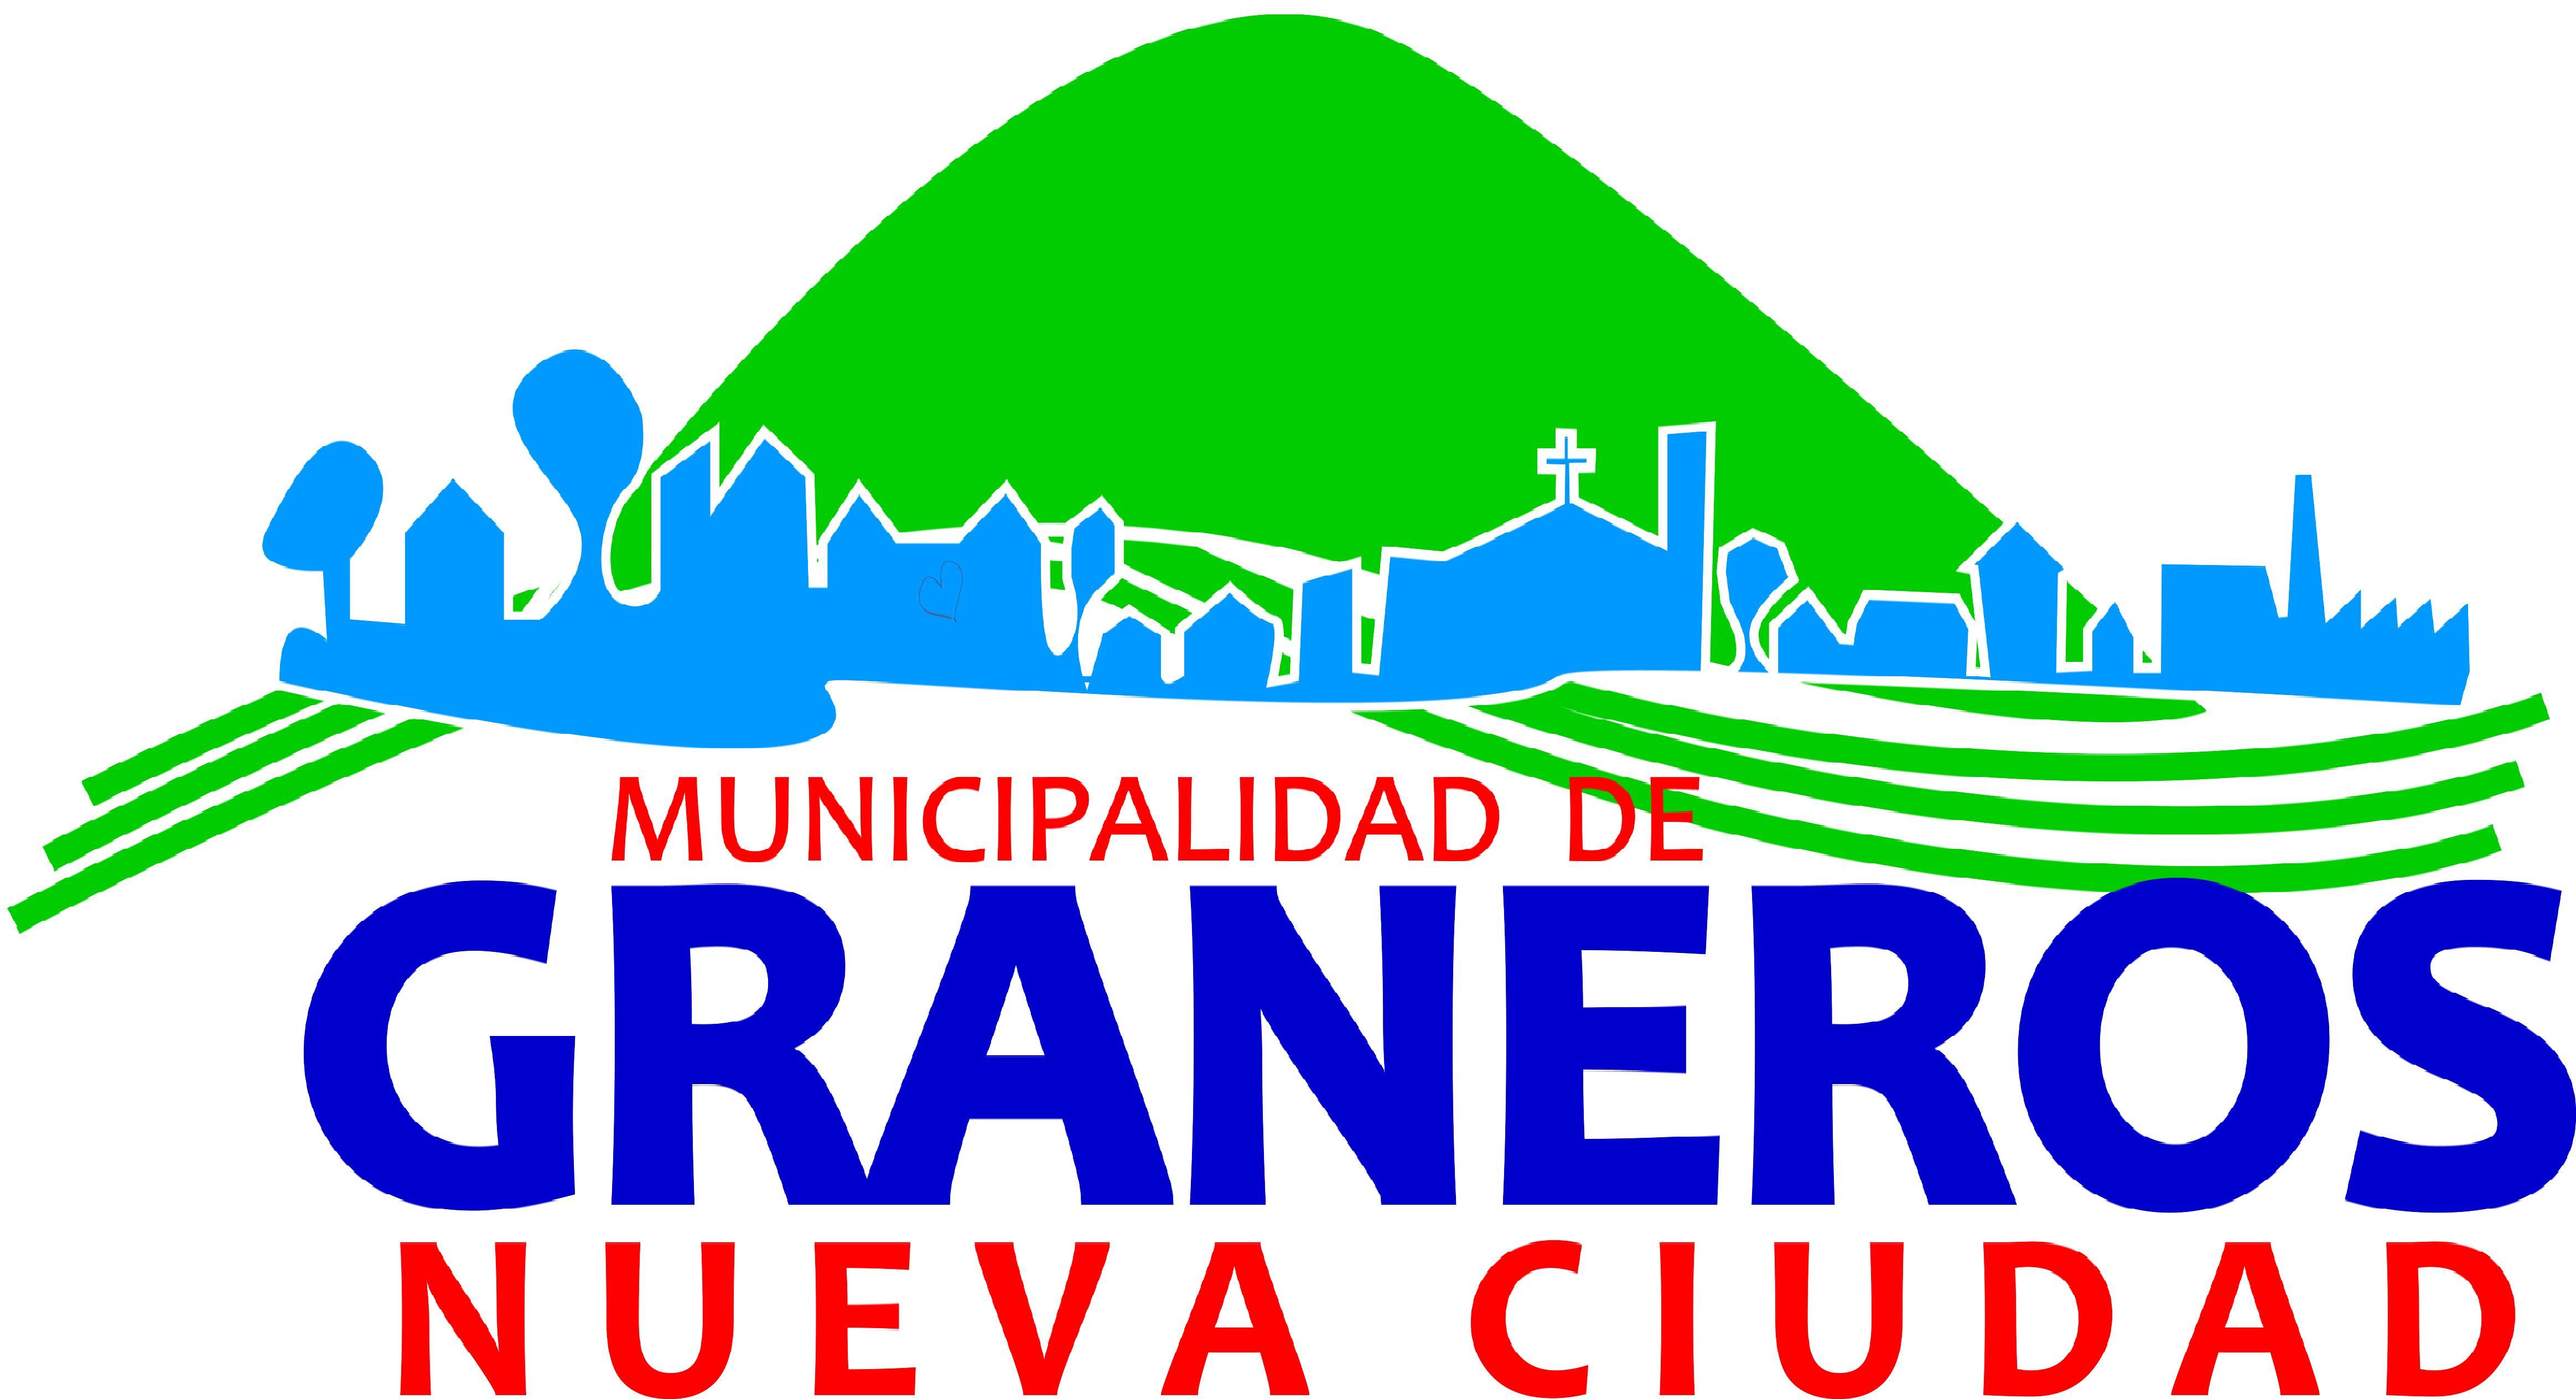 municipalidad_de_graneros